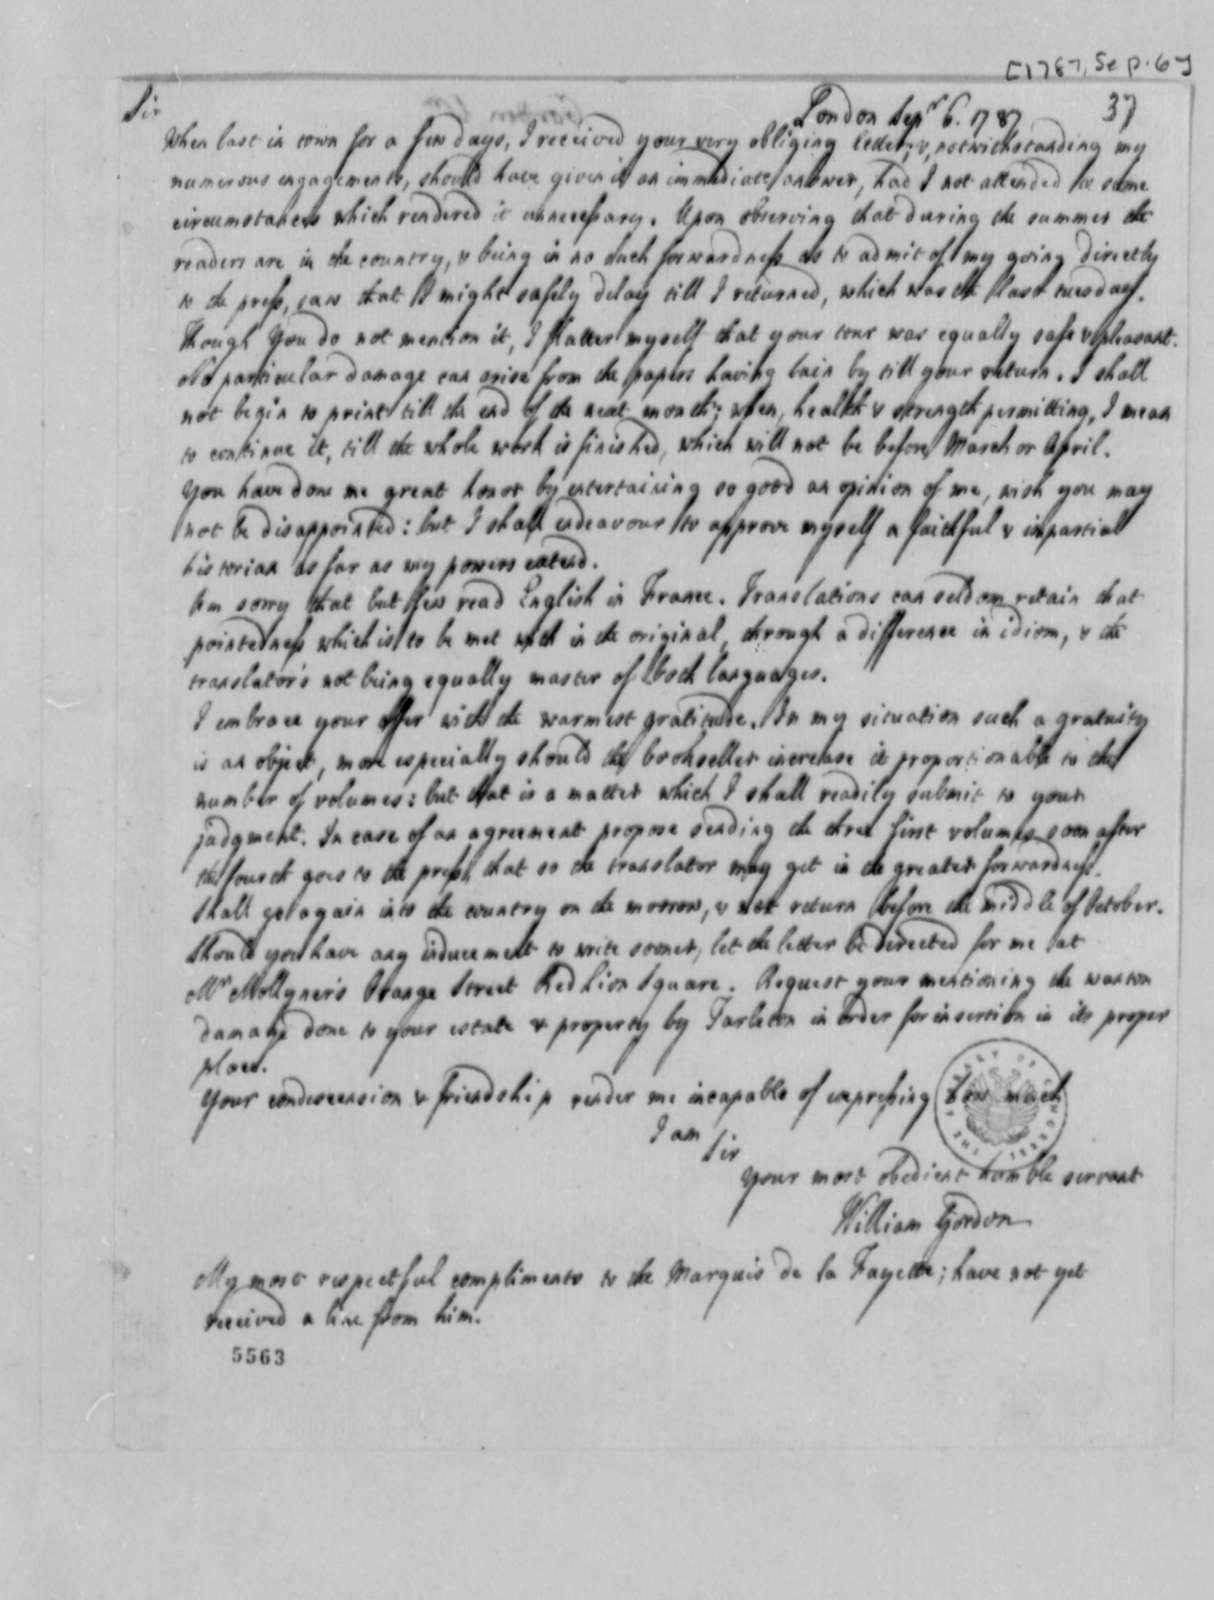 William Gordon to Thomas Jefferson, September 6, 1787